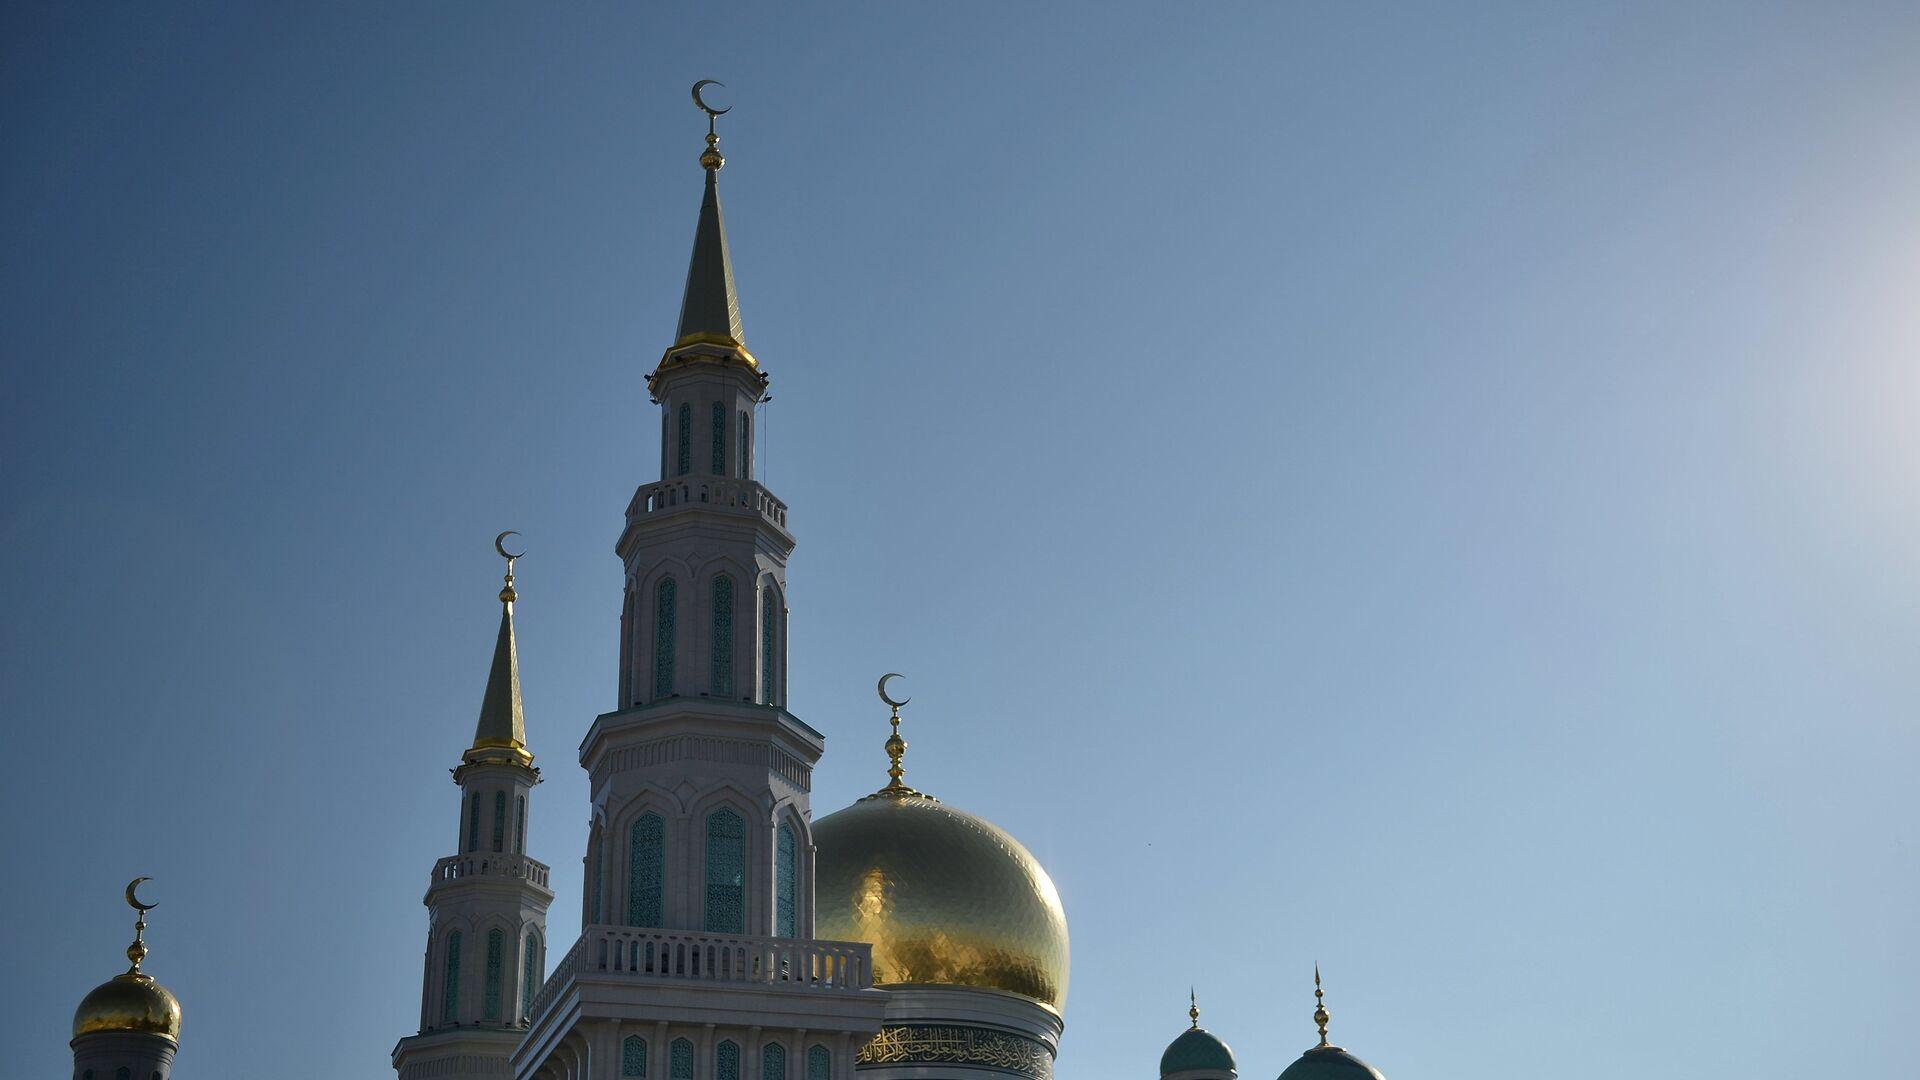 Открытие после реставрации главной мечети Москвы - РИА Новости, 1920, 30.10.2020